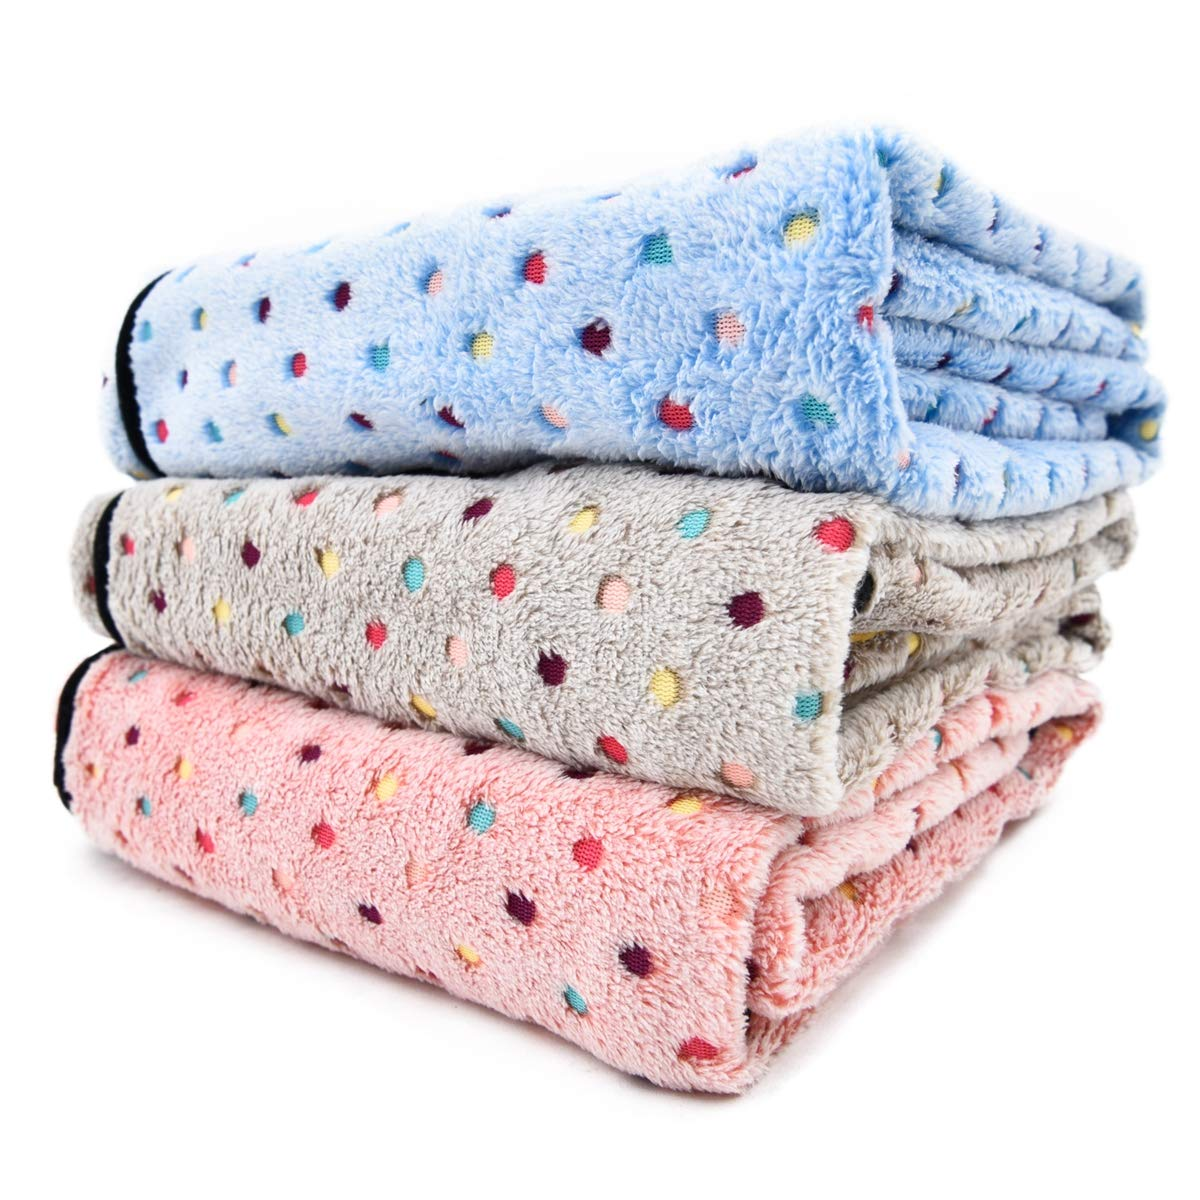 PAWZ Road Pet Dog Manta Fluffy Fleece Fabric Suave y Linda Warm Dot Print Manta Lavable para Gatos y Perros Beige 140 * 100cm: Amazon.es: Productos para ...